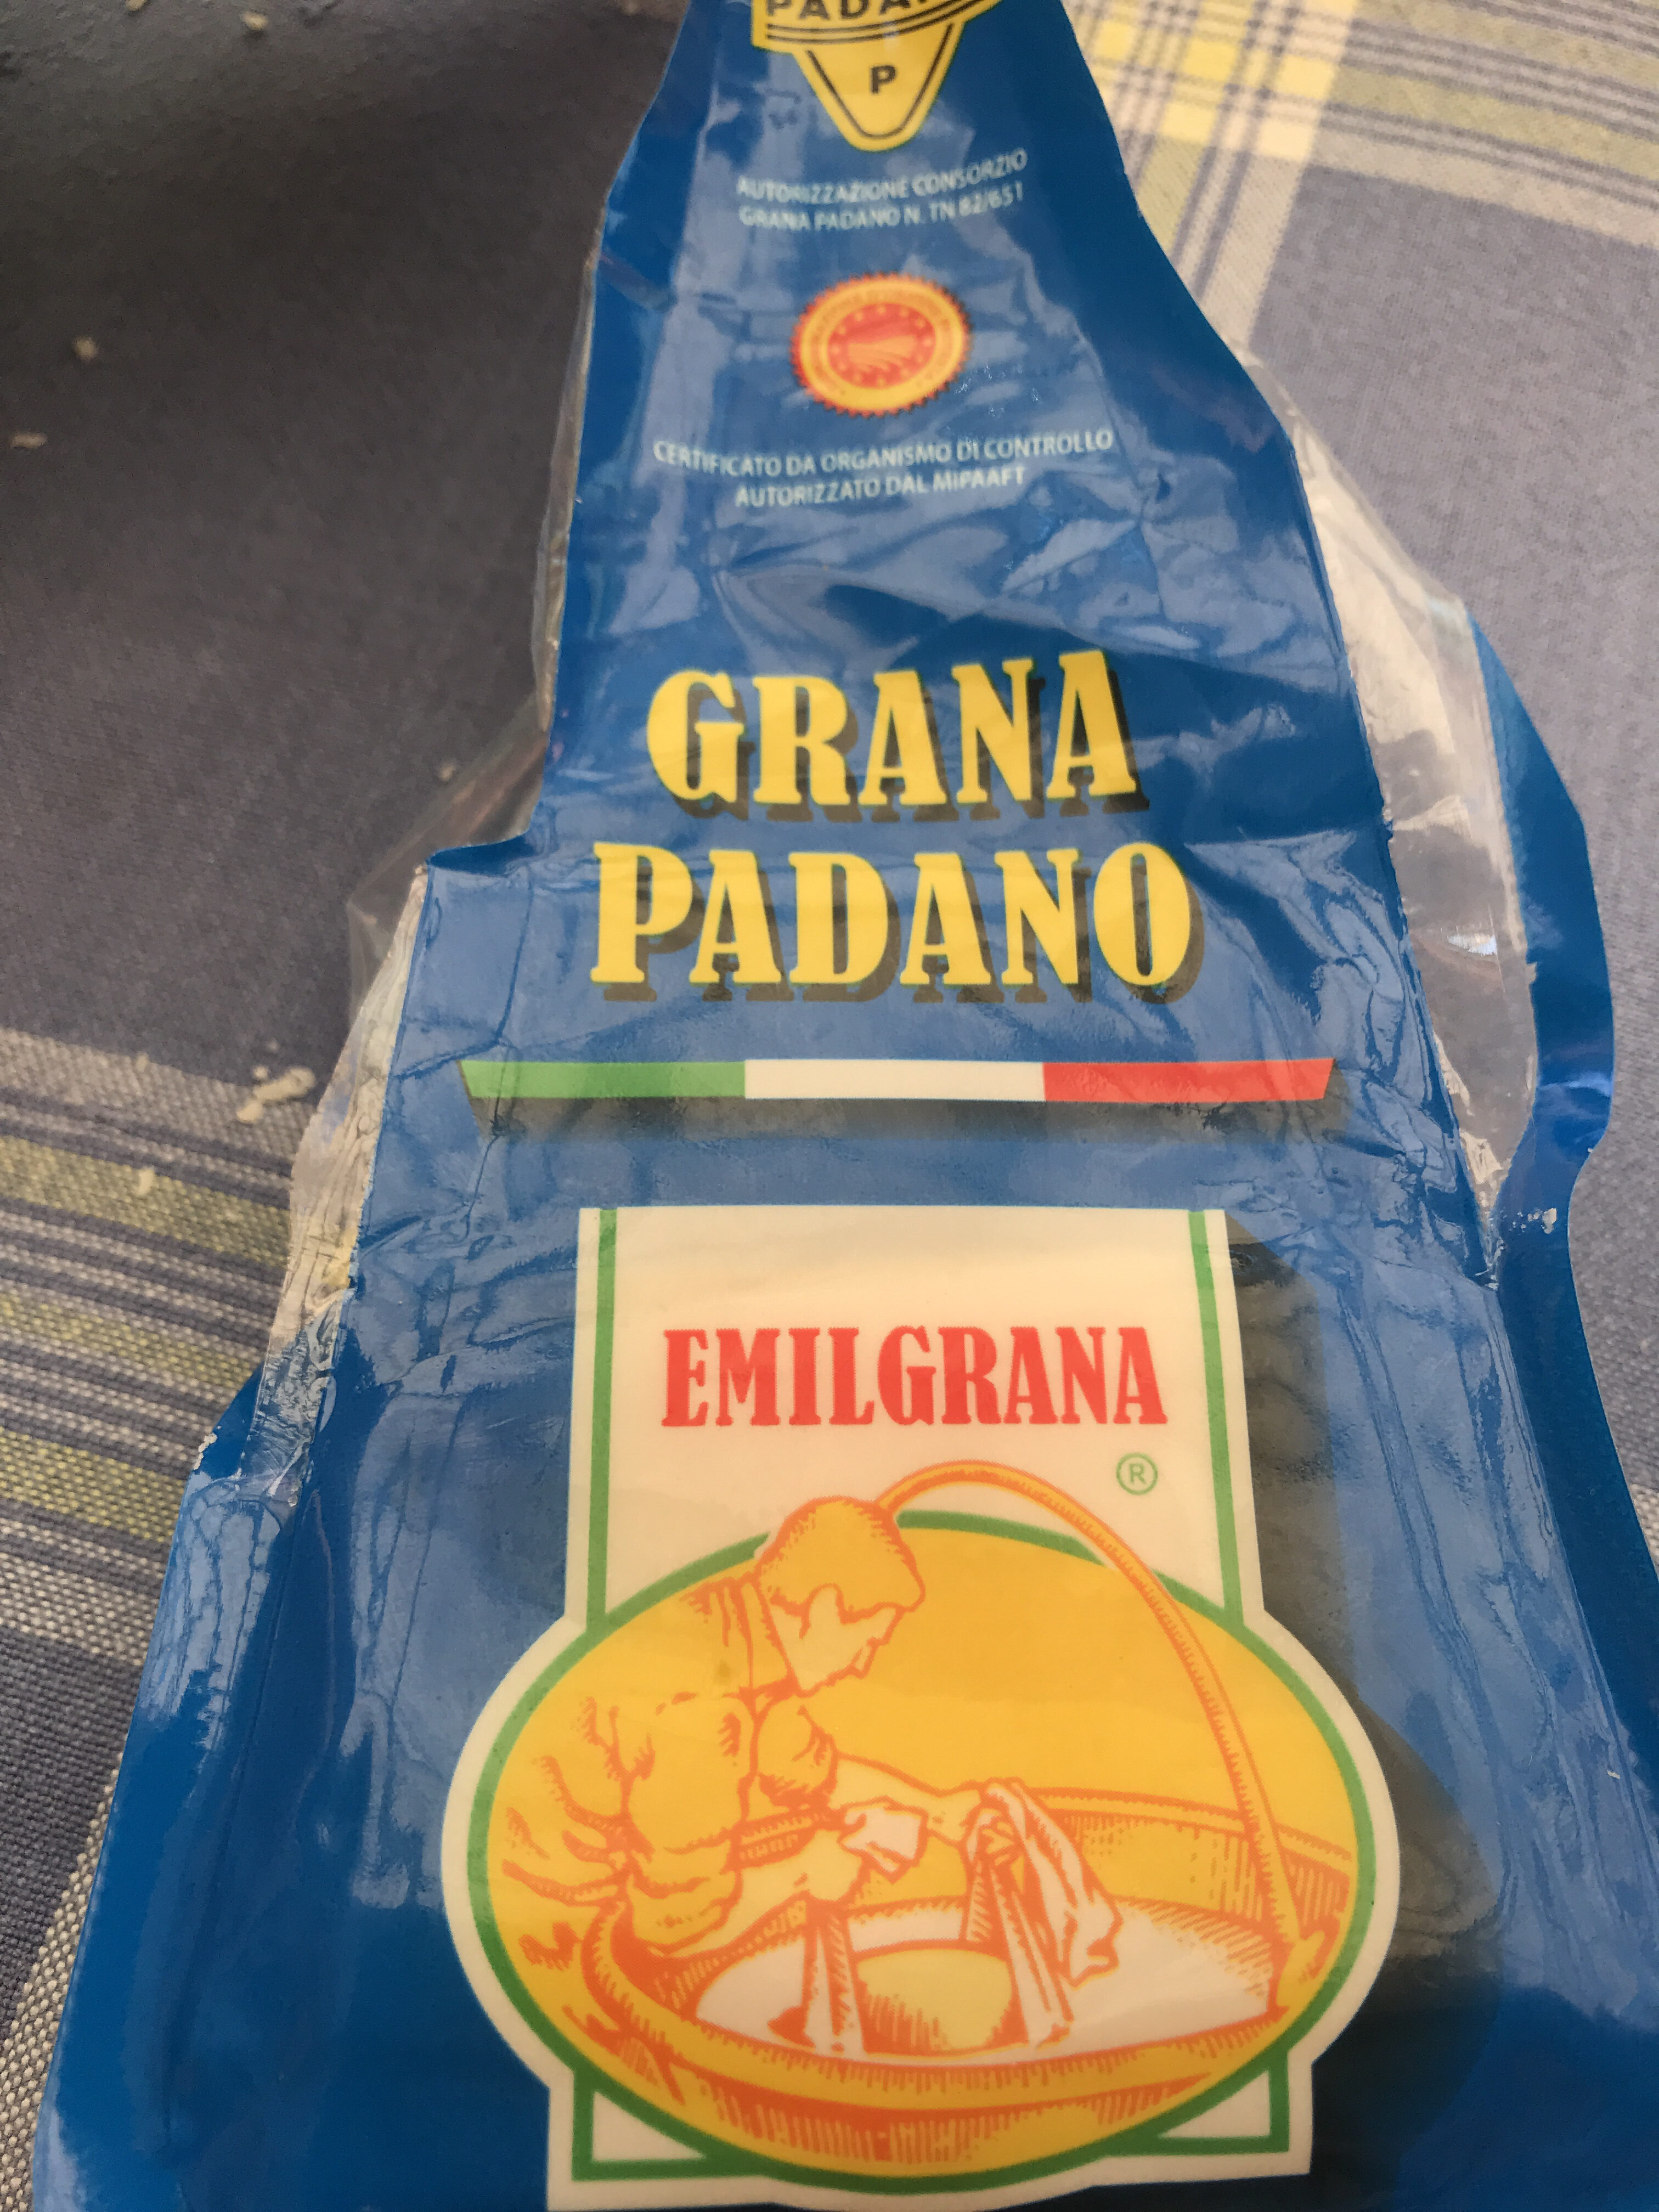 Grana Padano Emilgrana - Producto